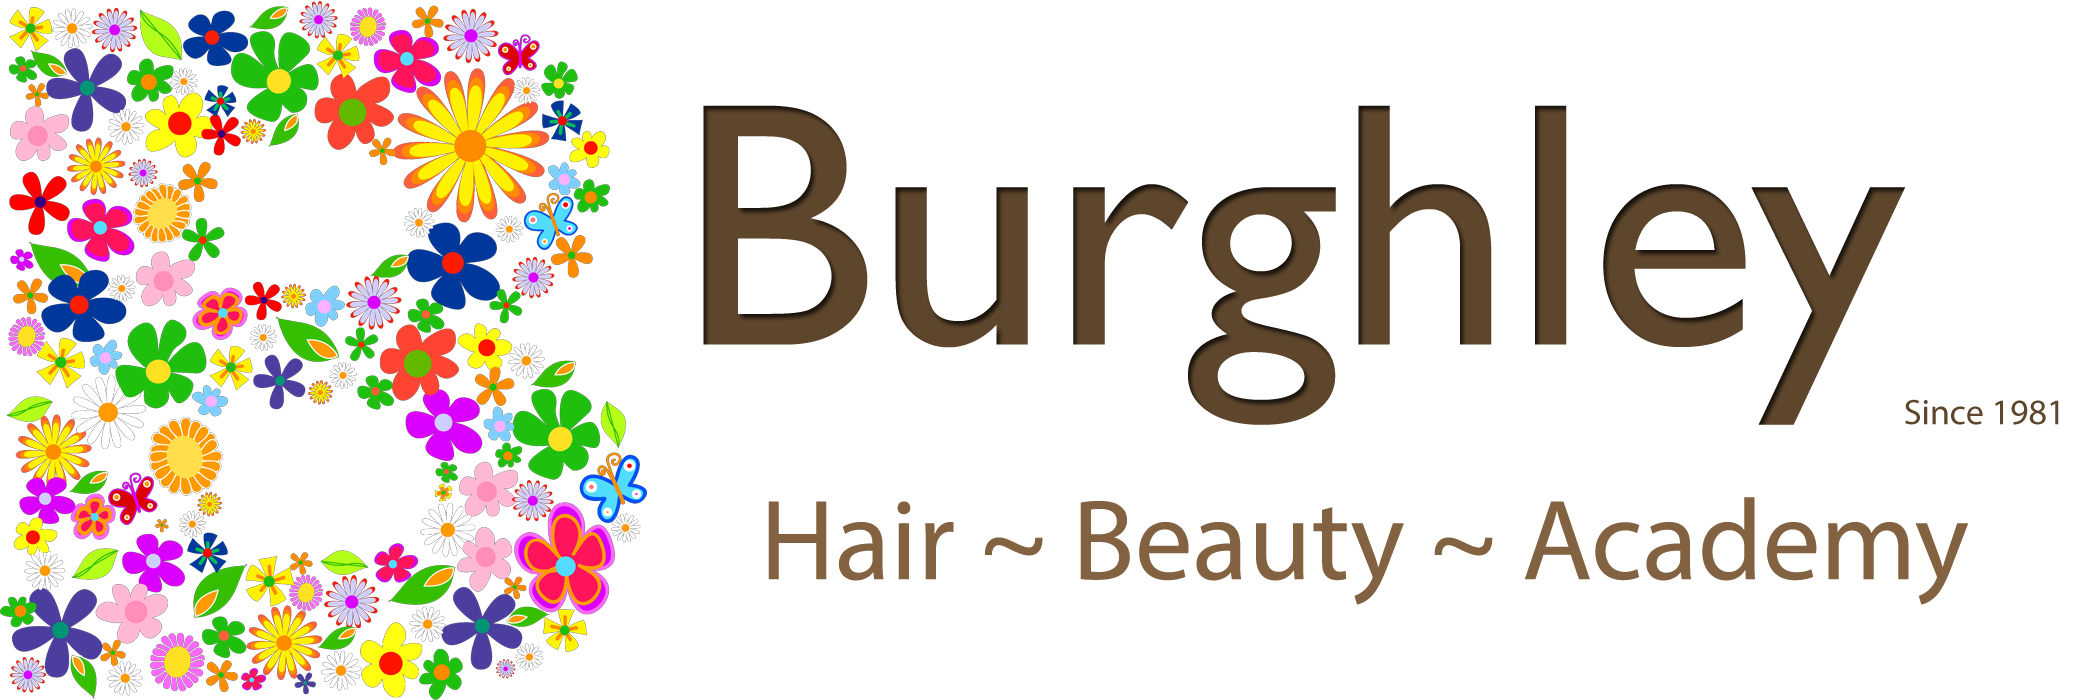 Burghley Hair ~ Beauty ~ Academy